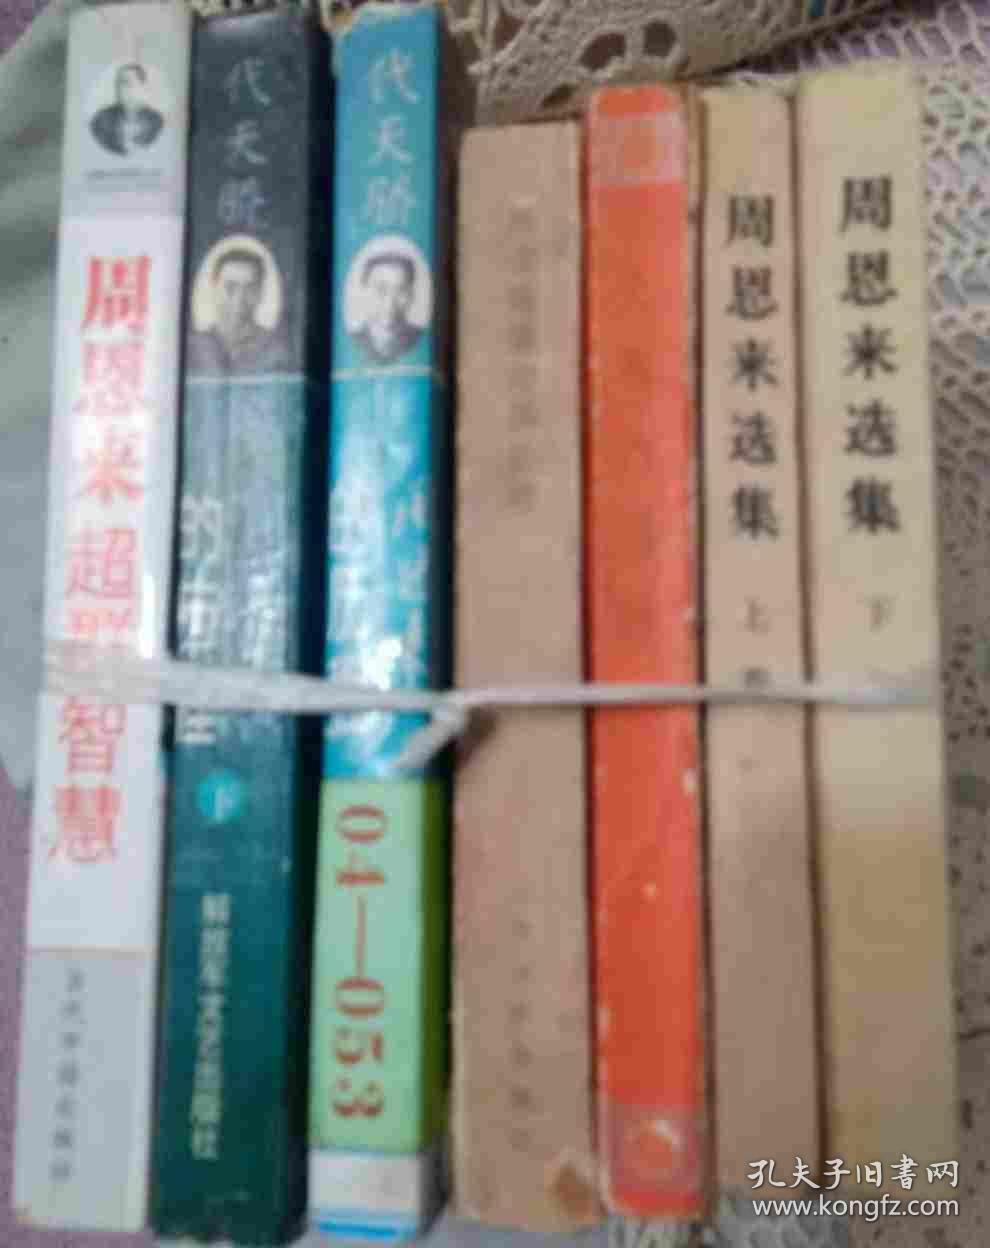 周恩来的超群智慧、周恩来的历程(上下册)、天安门诗抄、周恩来选集(上下册)、怀念周恩来等5种7本合售